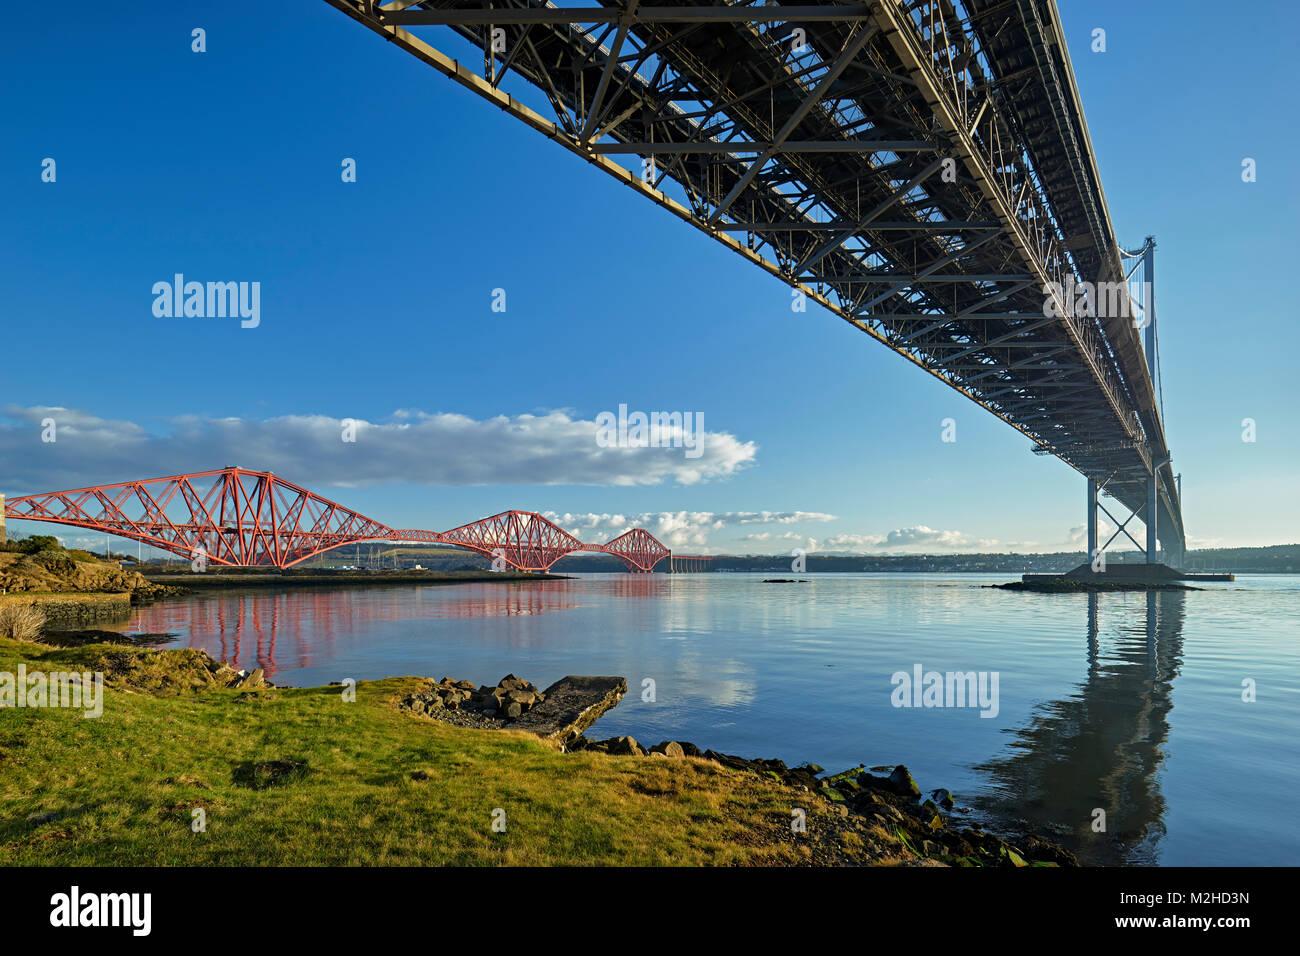 Forth Road Bridge et Forth Rail Bridge à partir de North Queensferry, Fife, en Écosse. Photo Stock